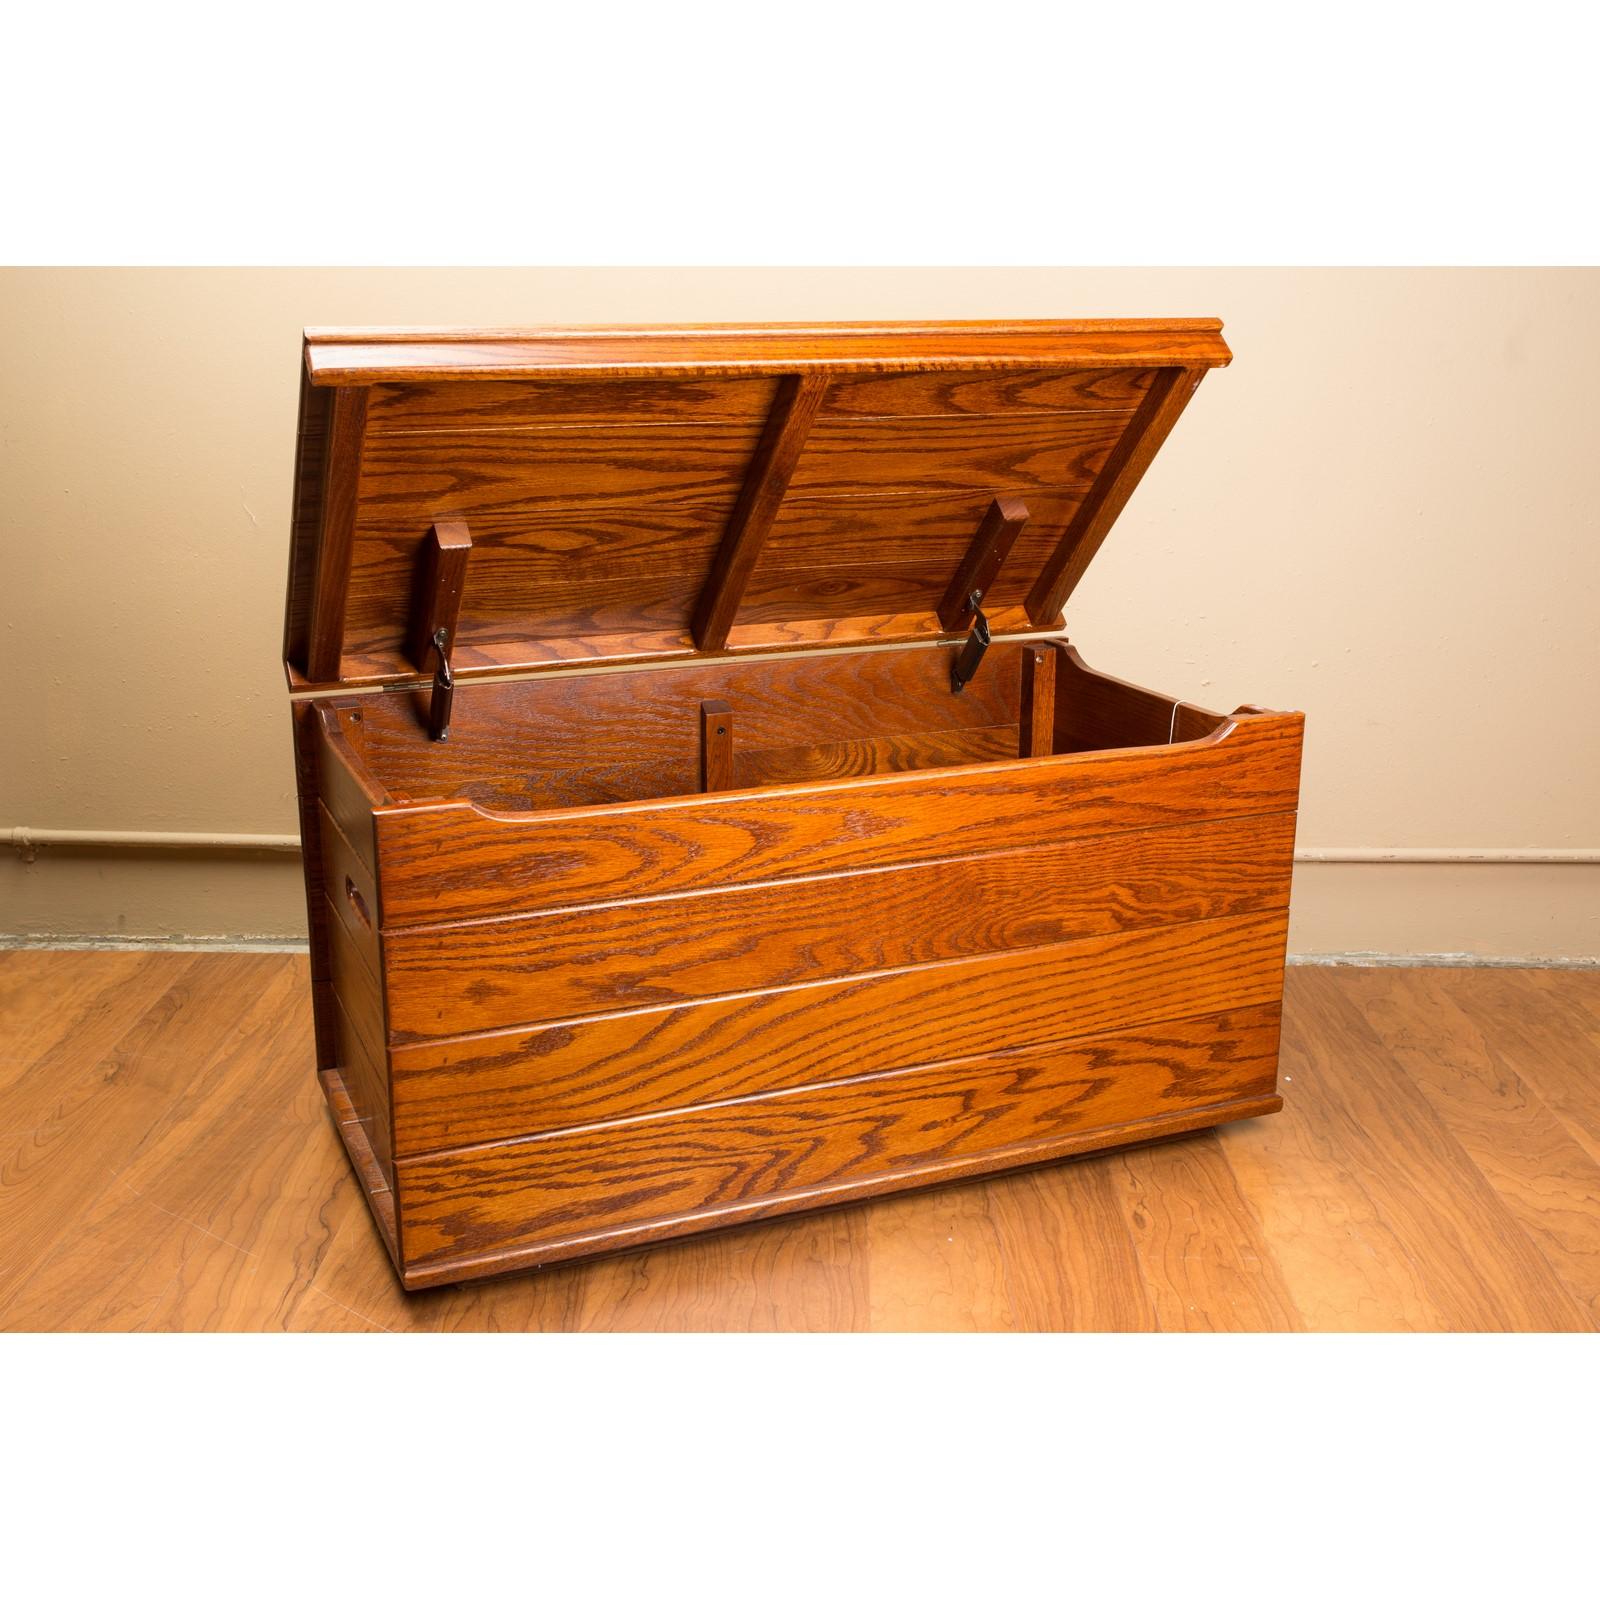 Creative Wood Design Organizer Chest - Stewart Roth Furniture